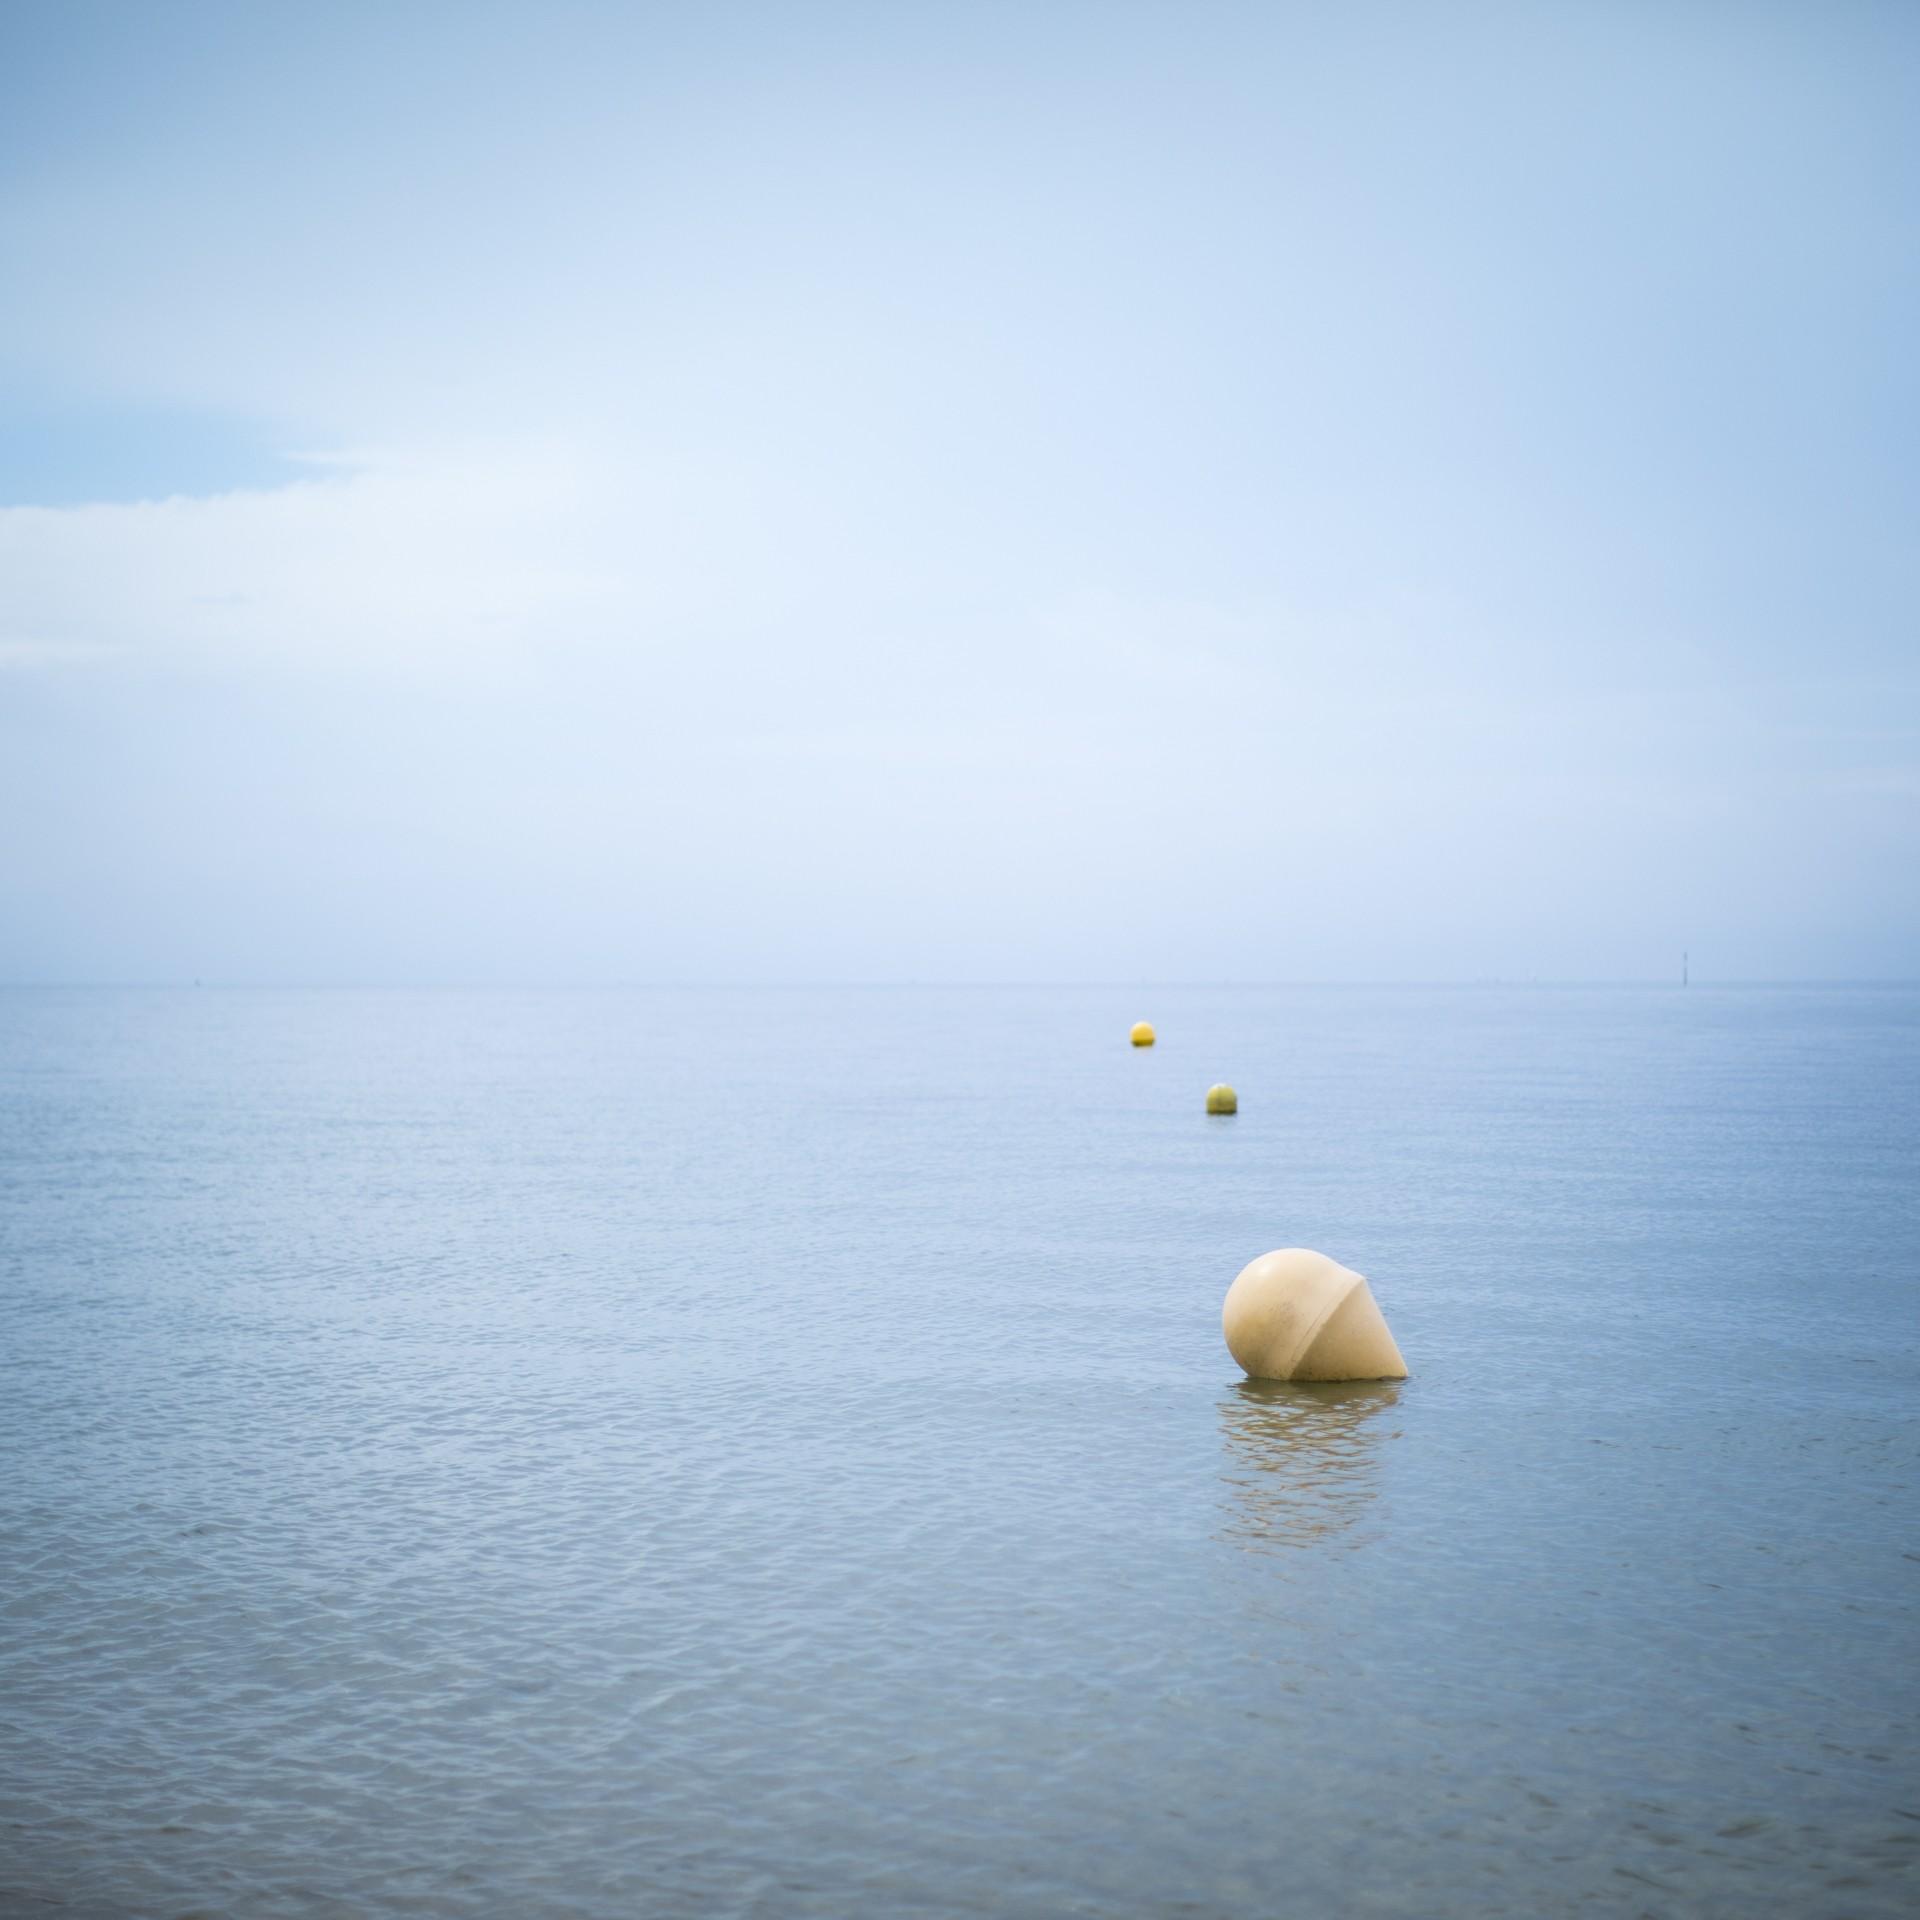 Bouée, golfe du Morbihan - Août 2020